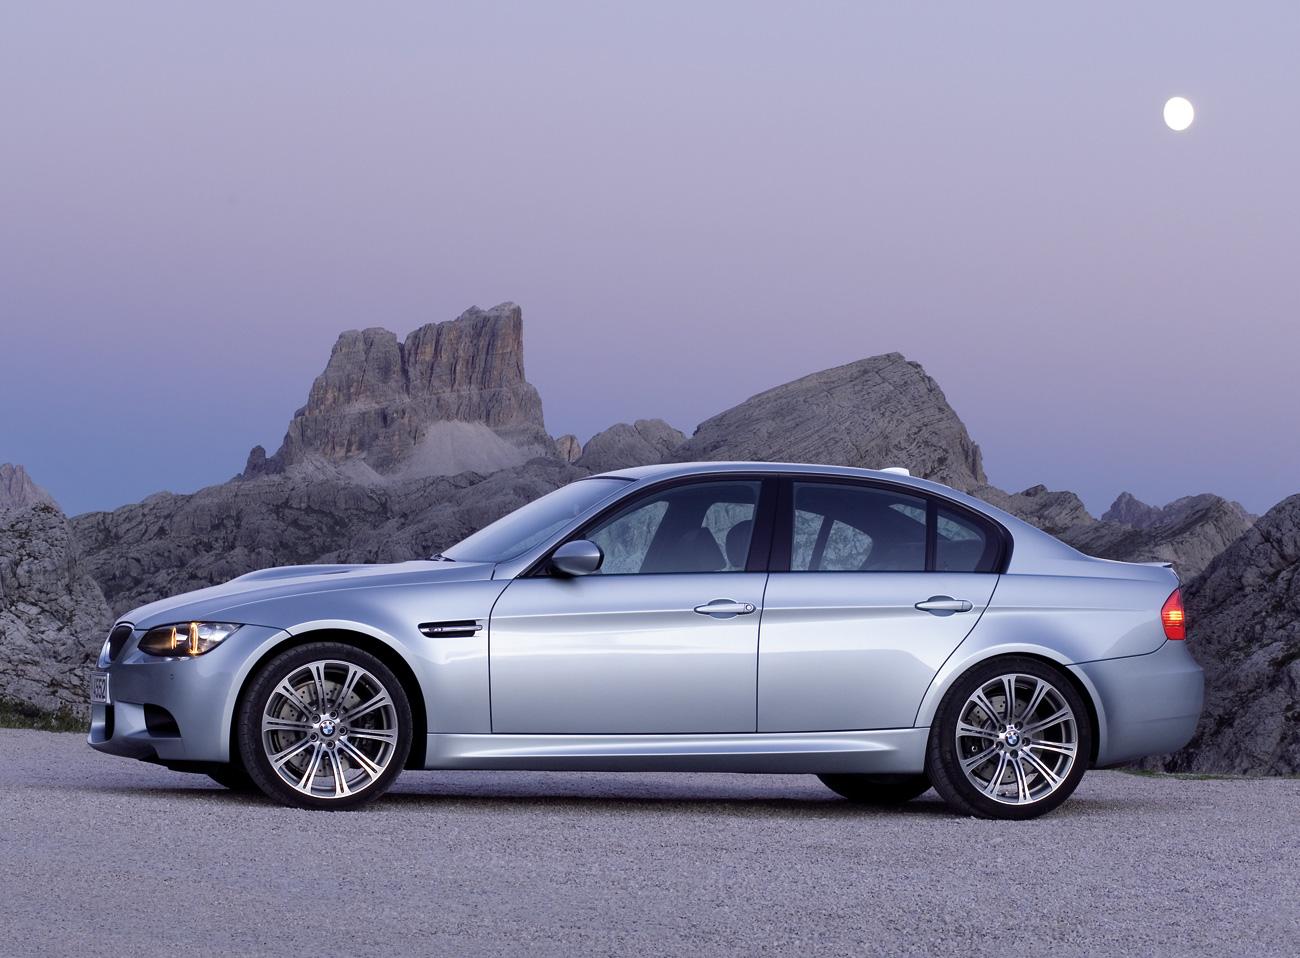 Обои BMW Автомобили Фото 129881.